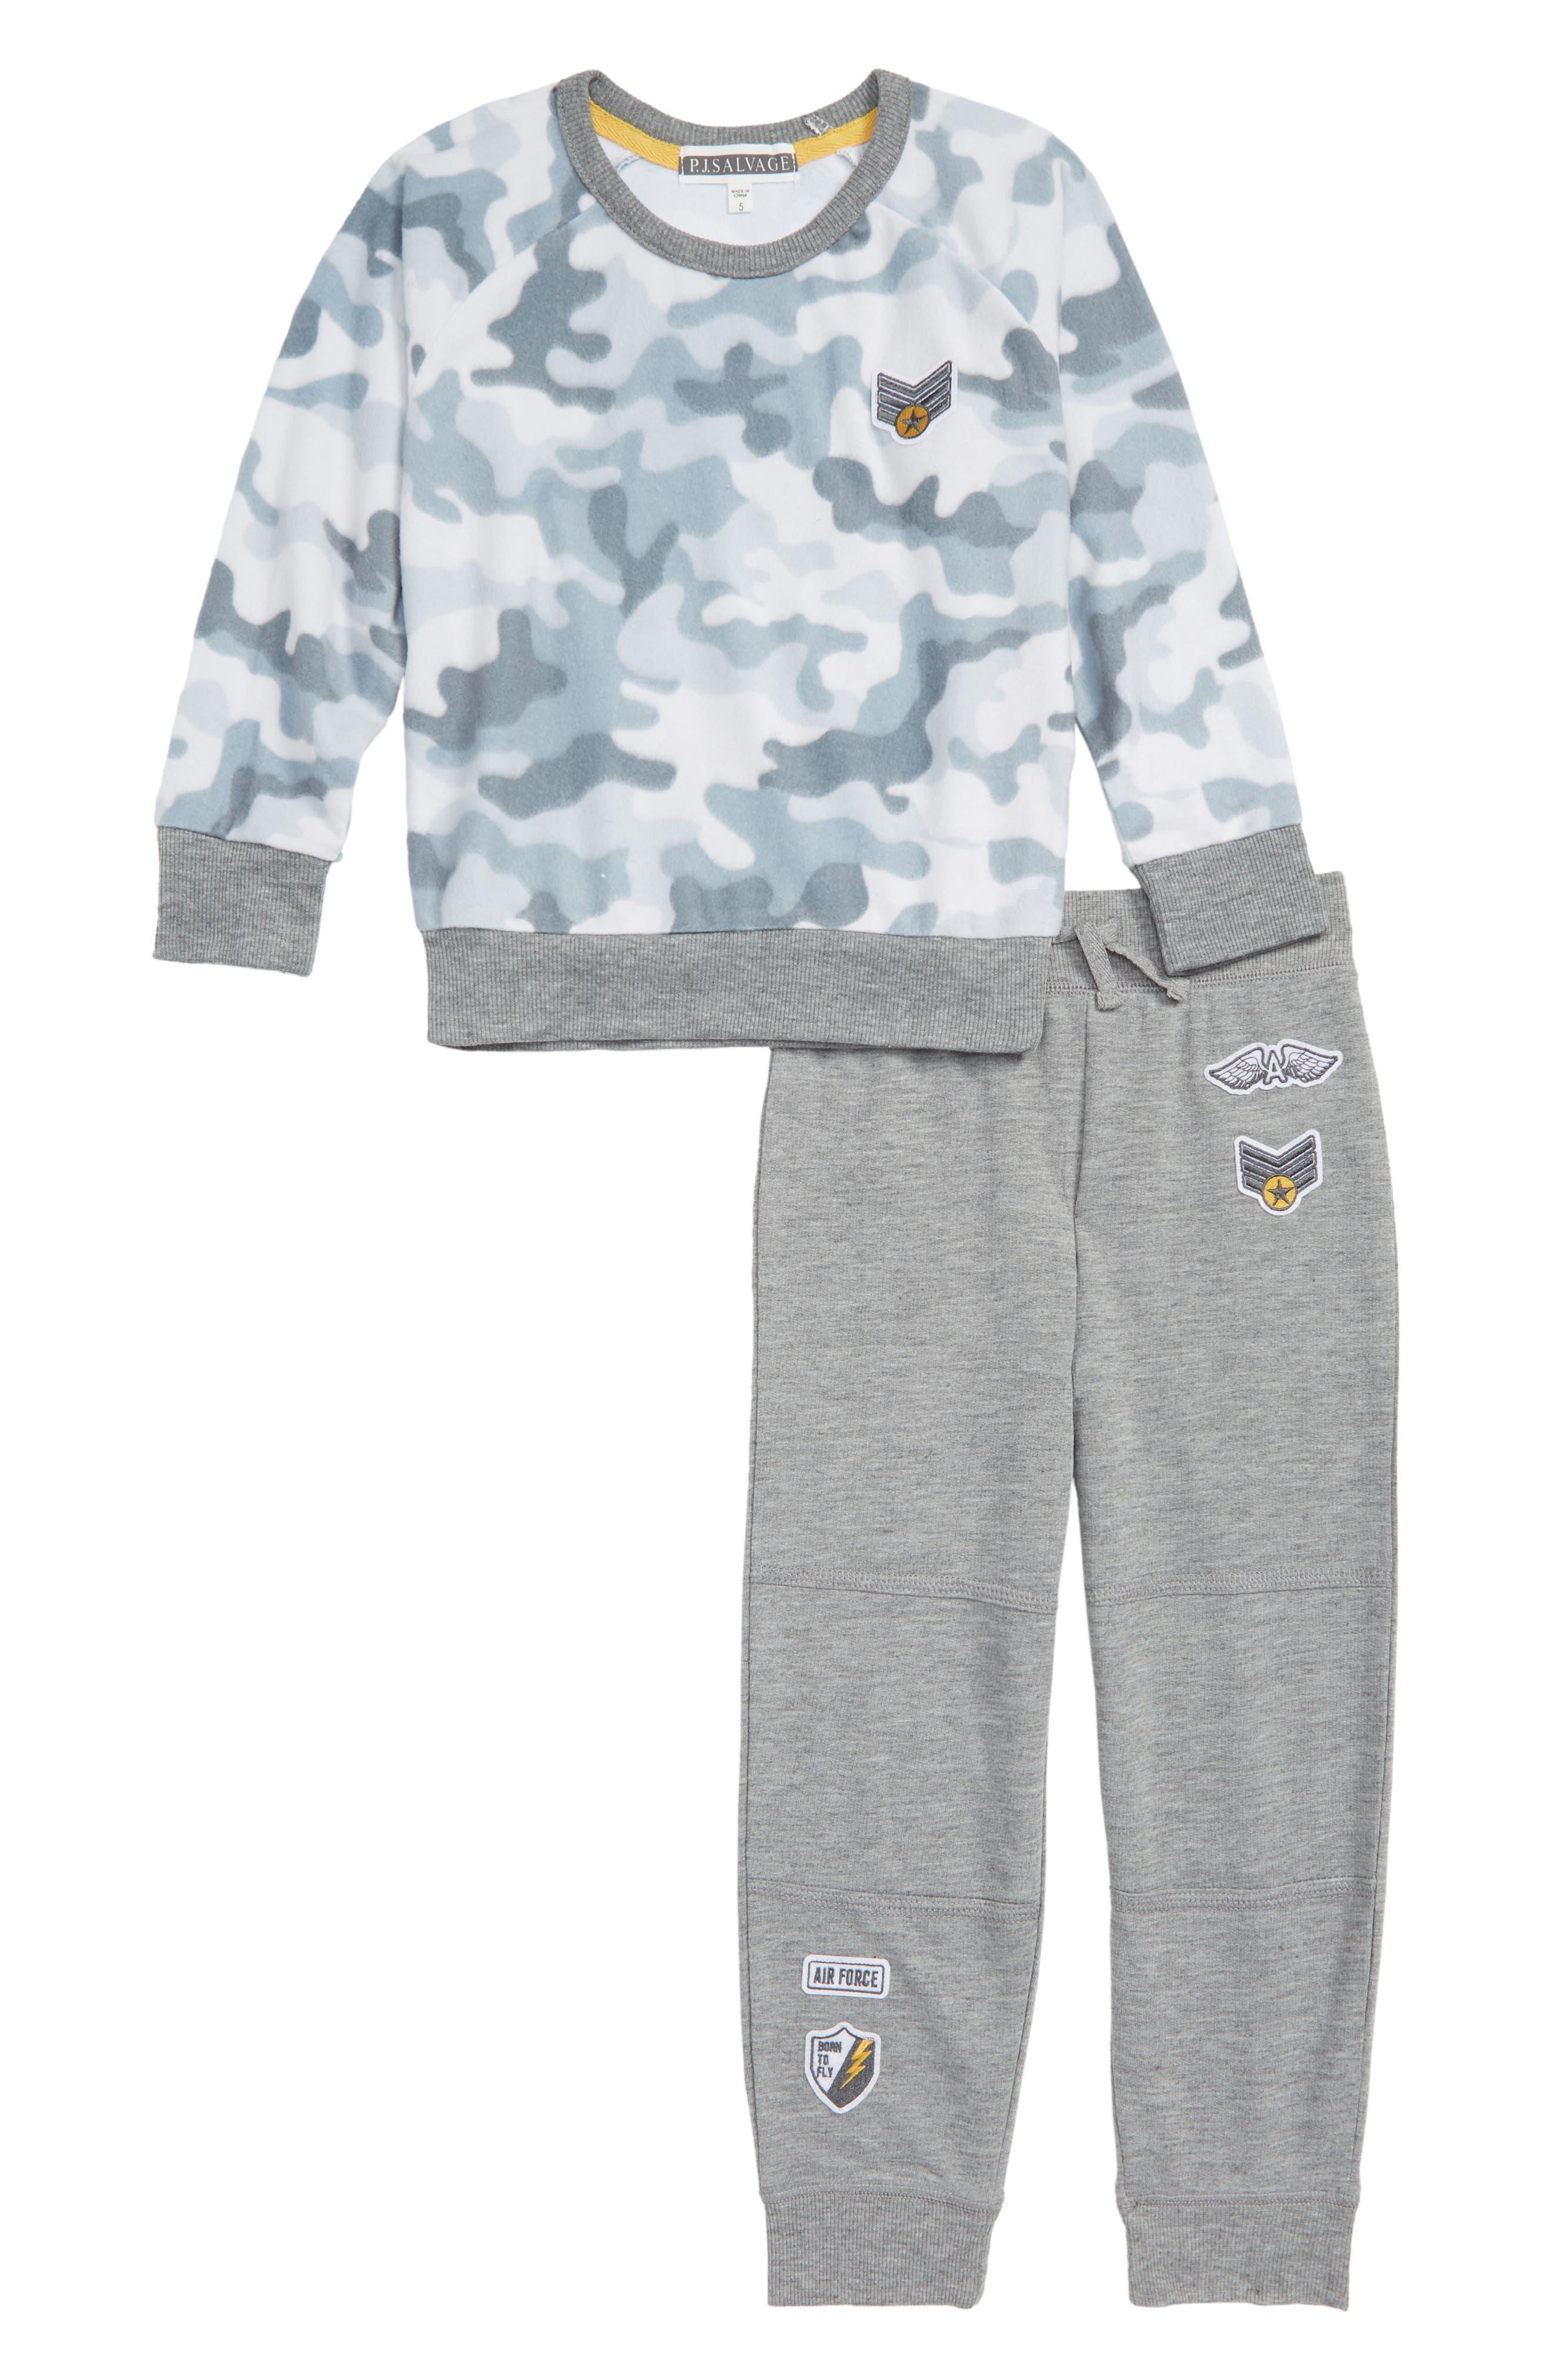 Boys Pj Salvage Camo Cool TwoPiece Pajamas